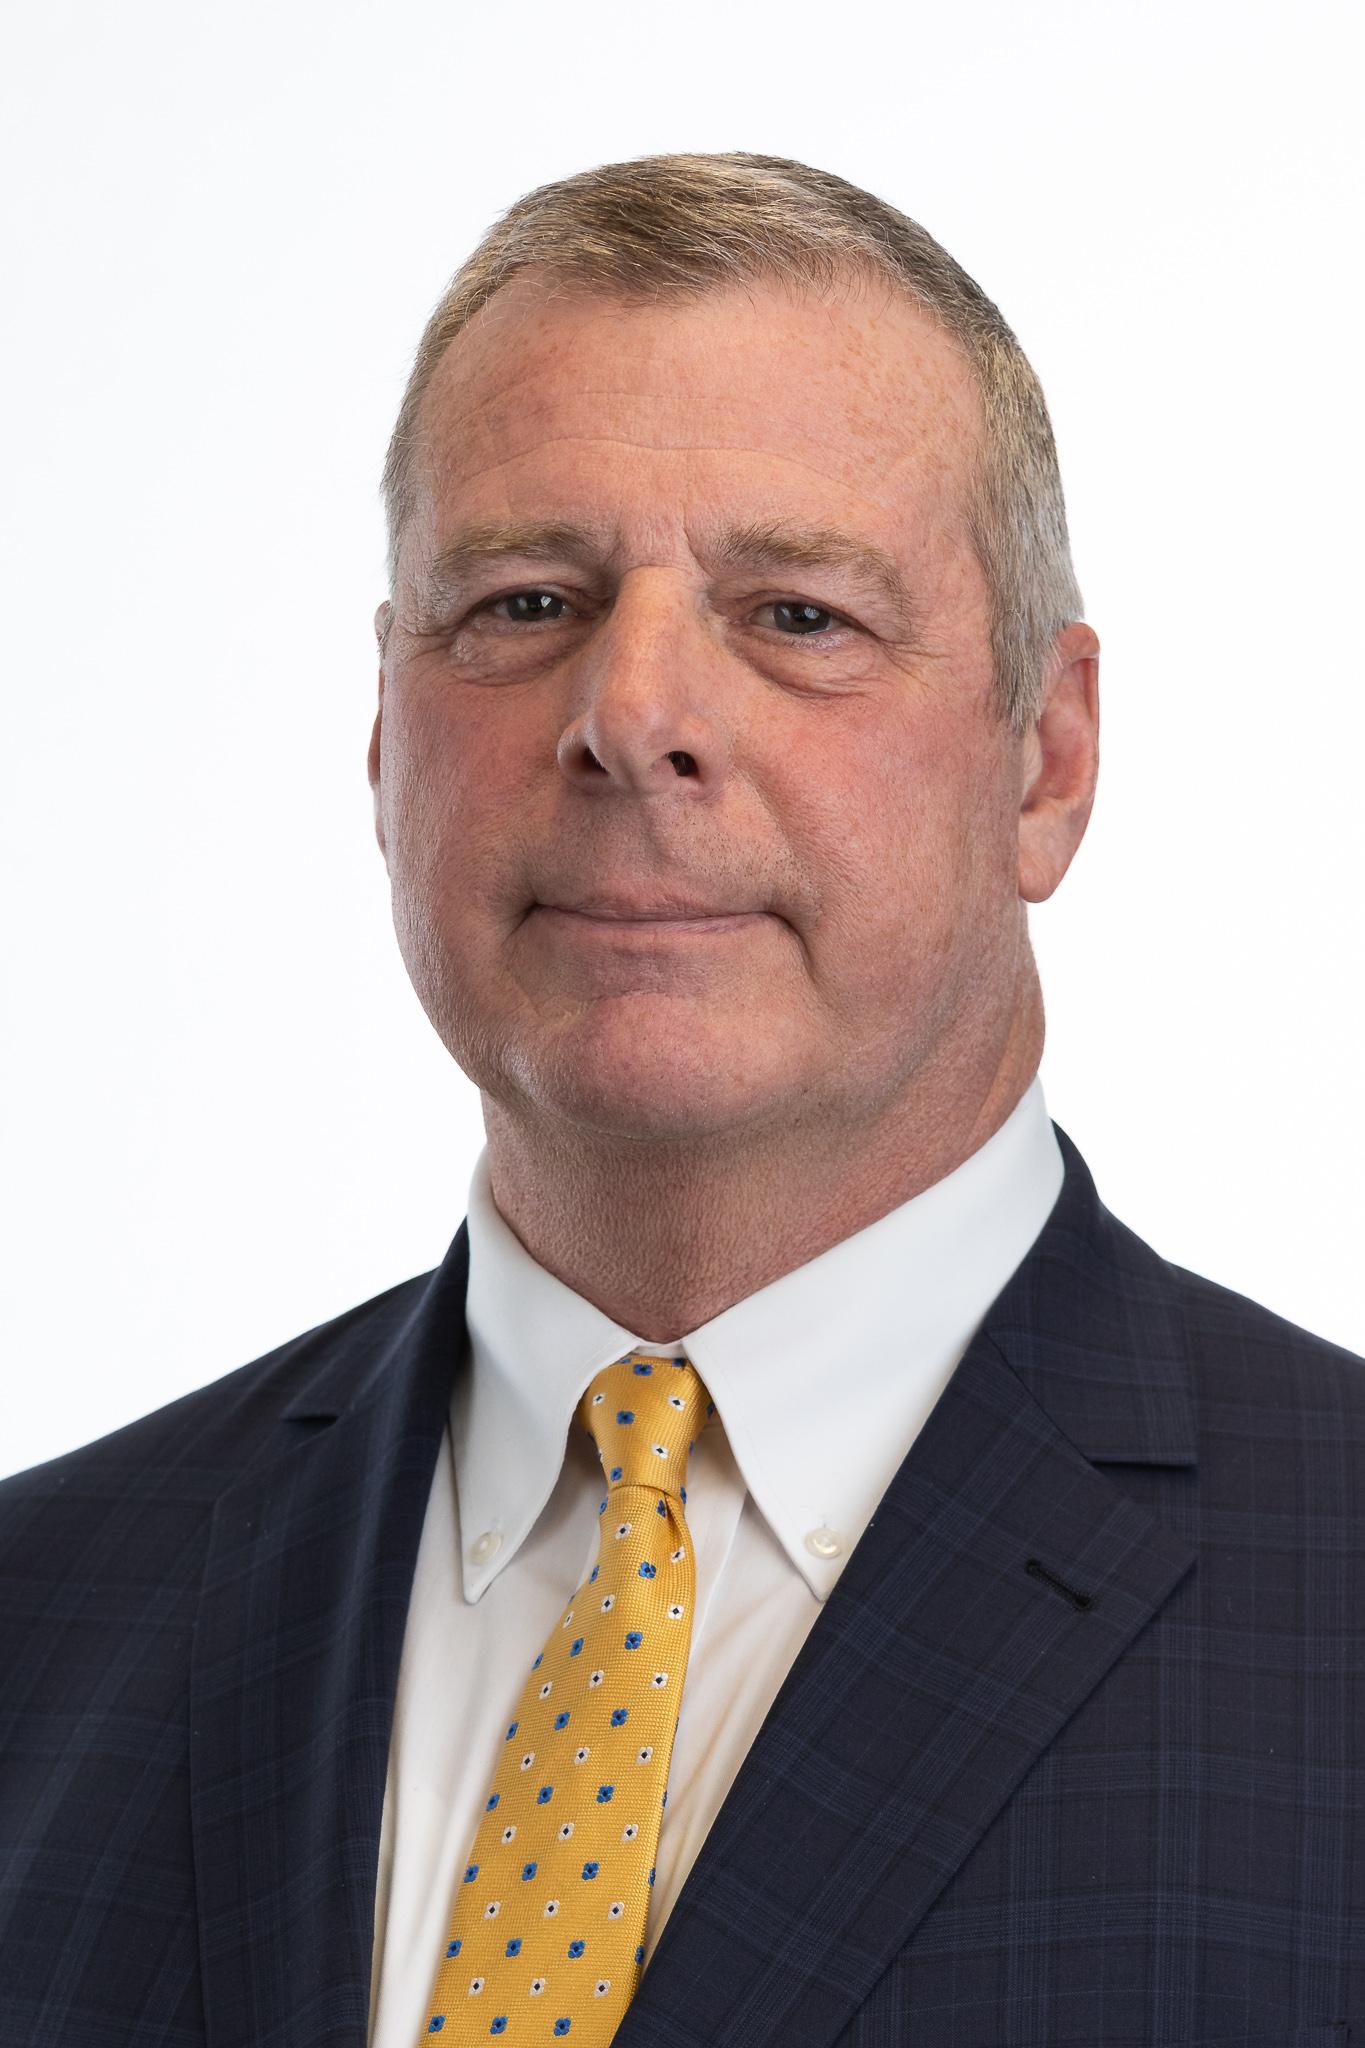 Headshot of Jeff Stokes